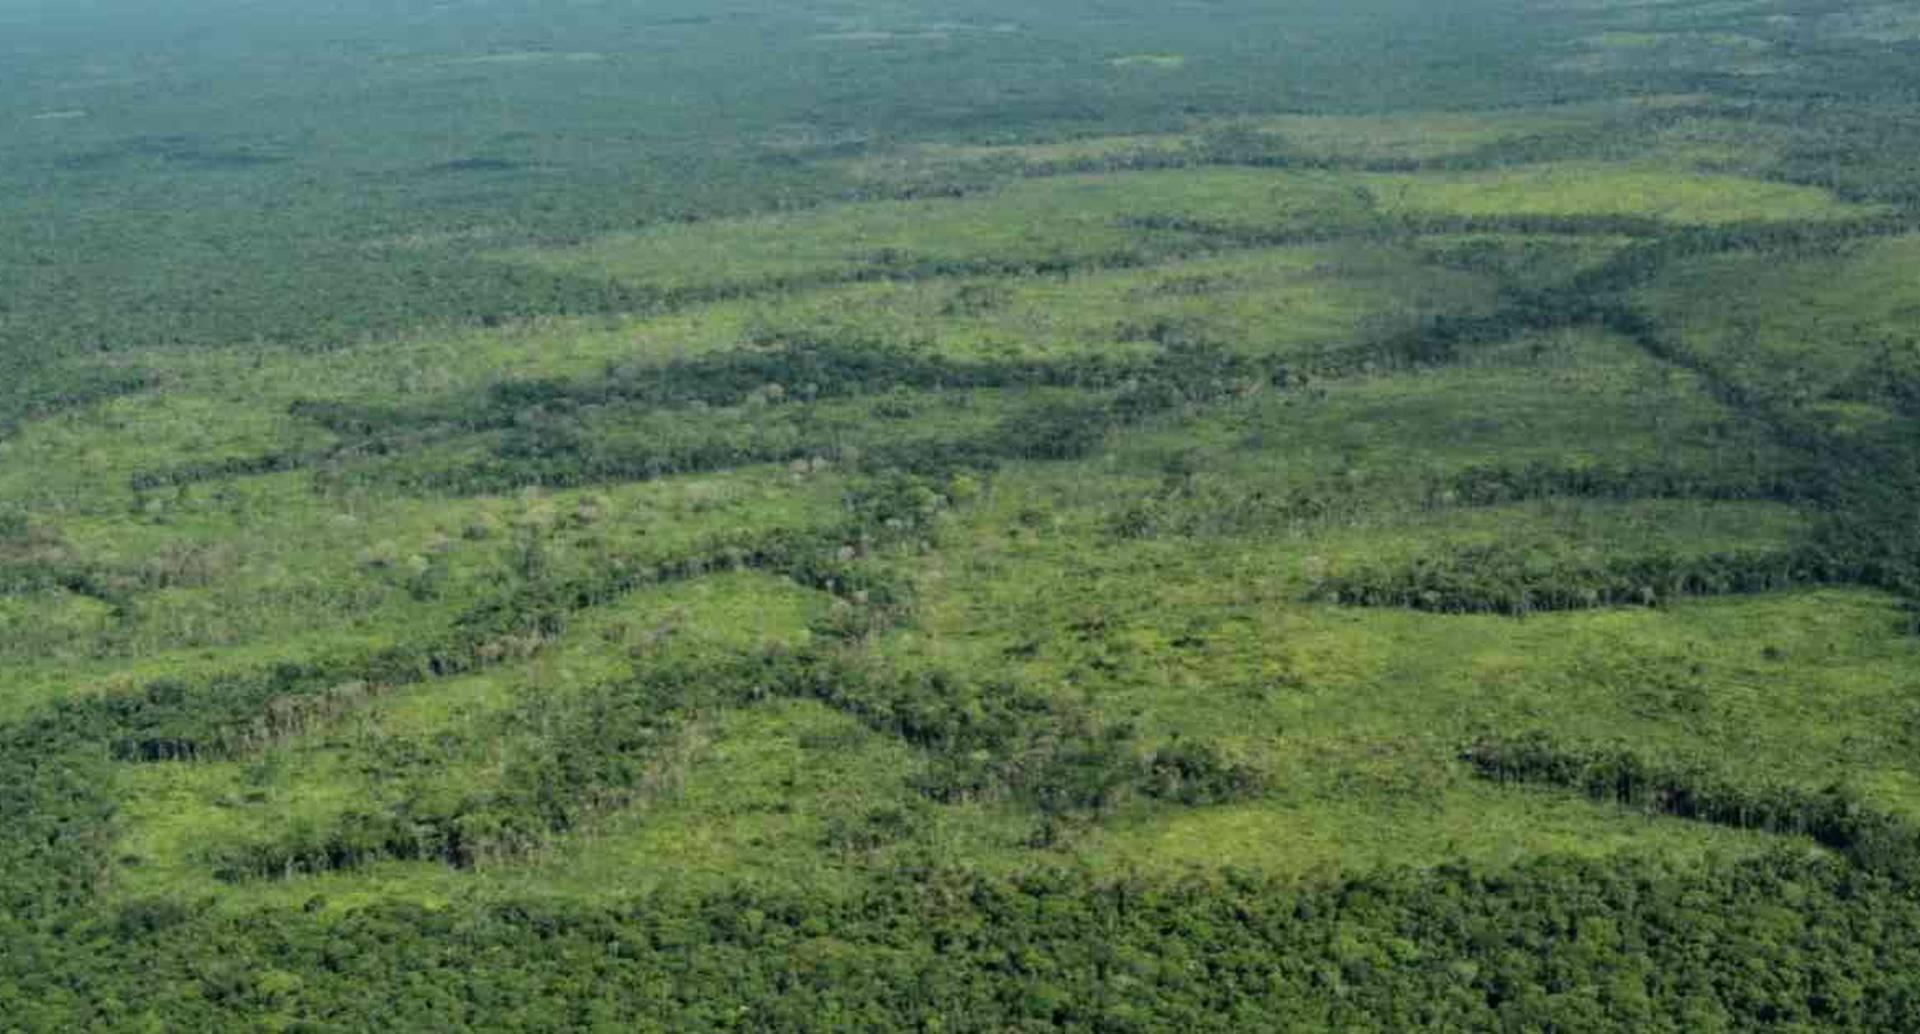 La deforestación para la extensión ganadera en la Sierra de La Macarena ha aumentado notoriamente en los últimos tres años. Foto: Rodrigo Botero.